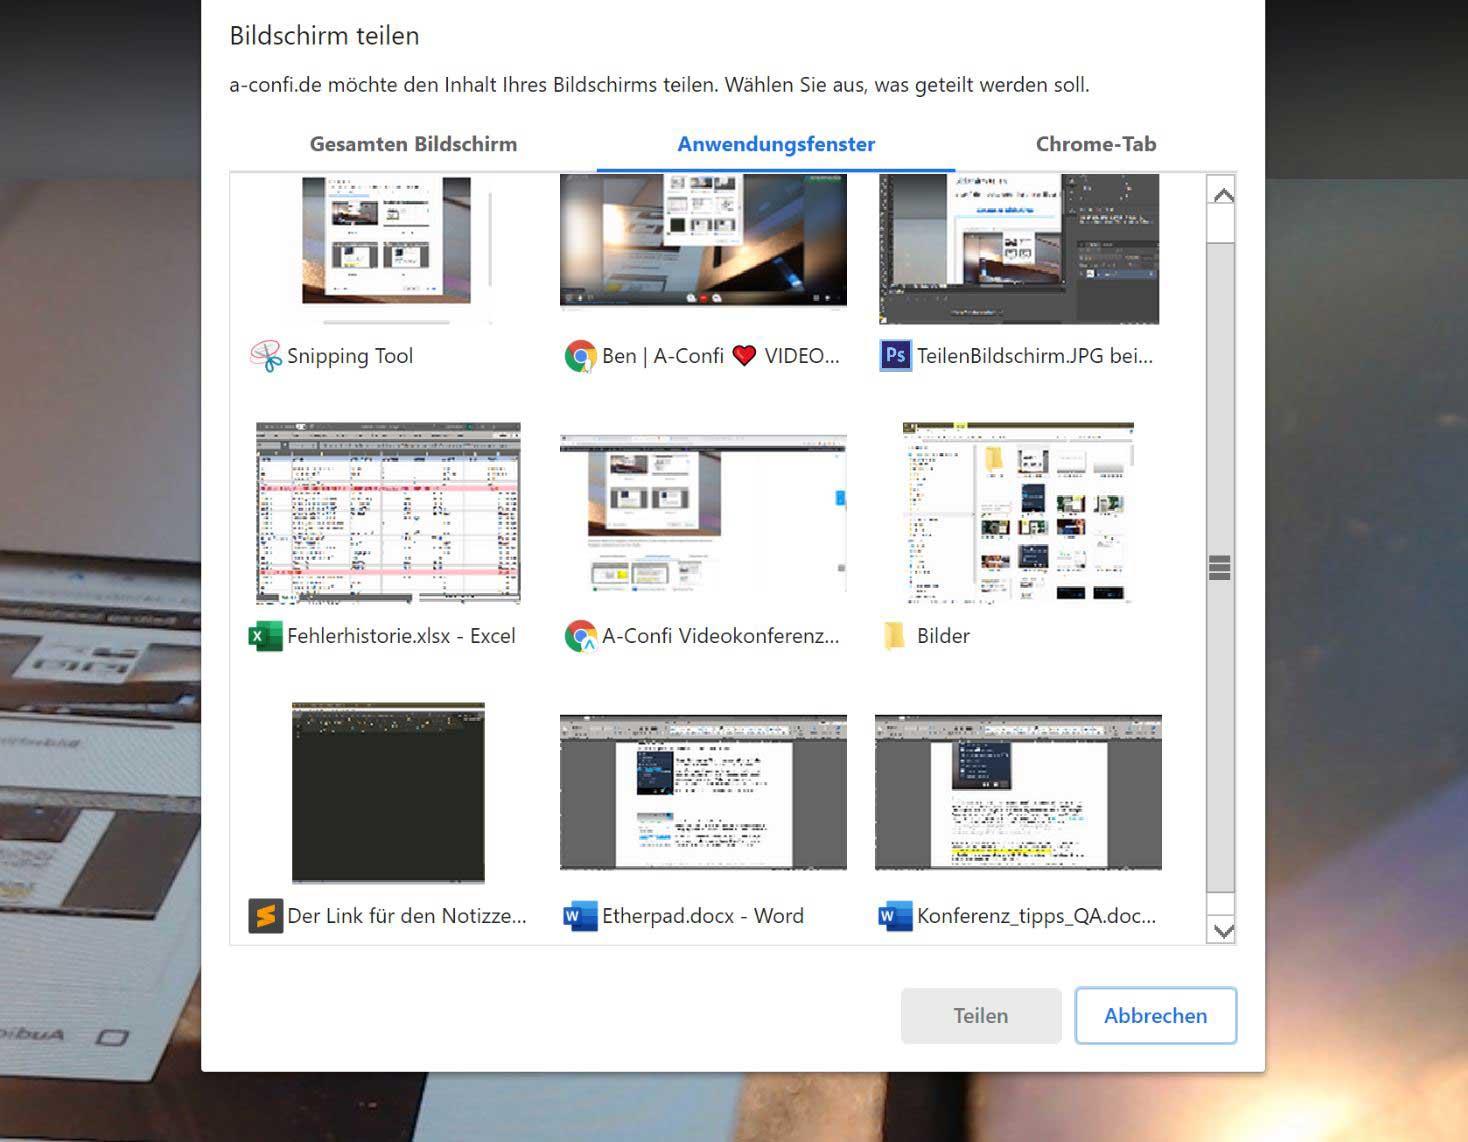 Anwendungsfenster freigeben: Freigabe einer geöffneten Anwendung (Fenster von Programmen wie z.B. PowerPoint, Photoshop etc. etc.). Für eine gute Sichbarkeit empfiehlt es sich, das ausgewählte Anwendungsfenster je nach Wunsch zu skalieren.